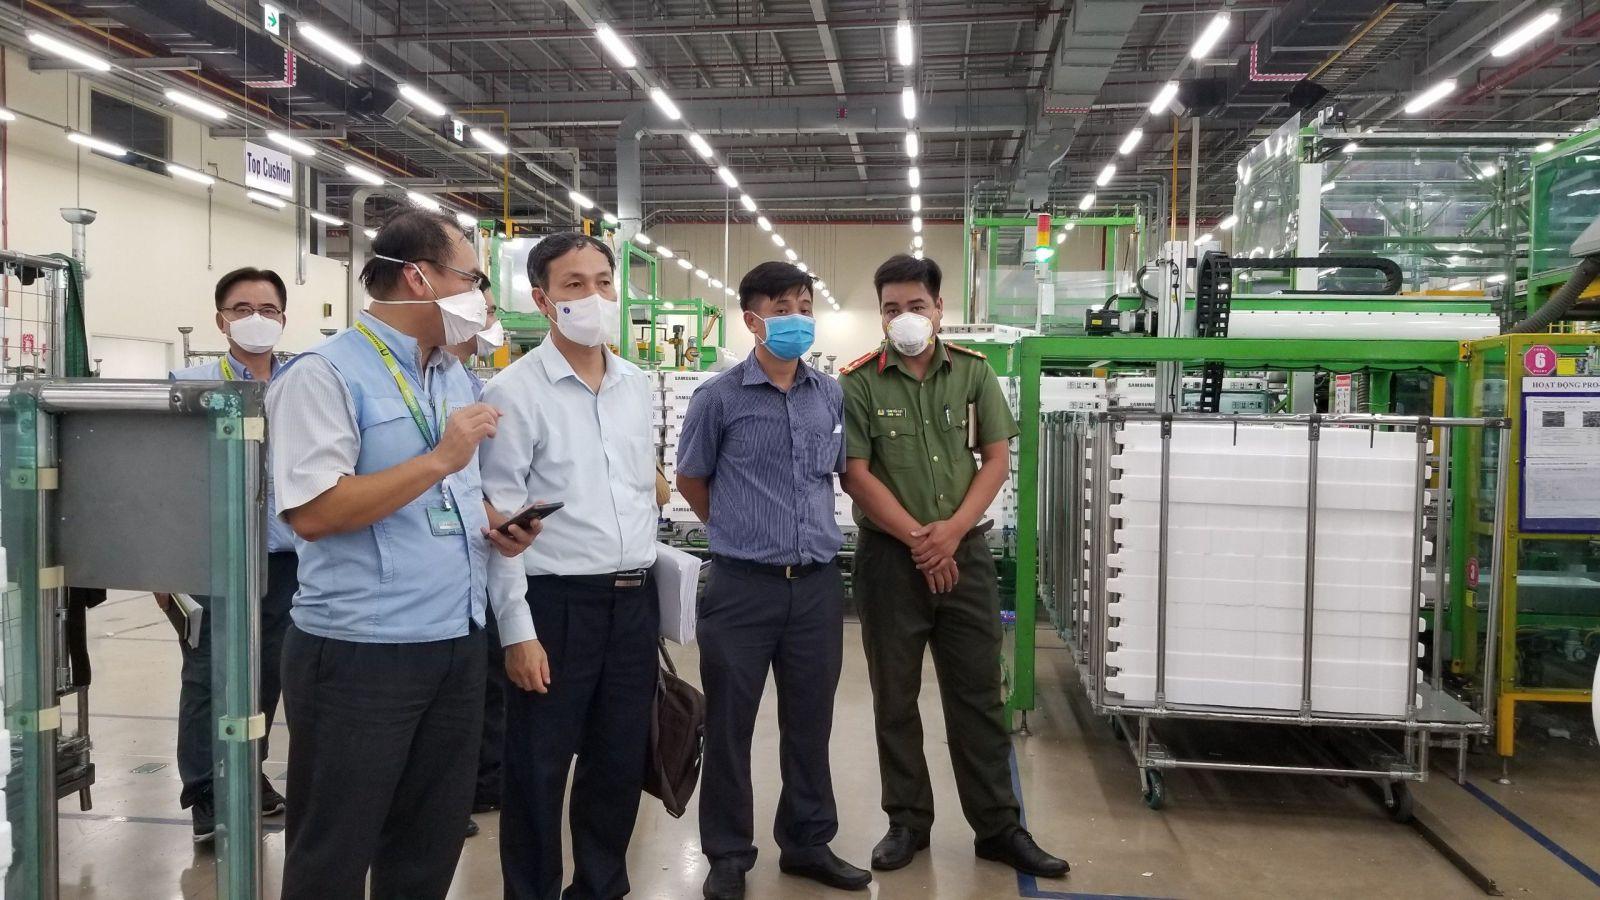 TP. HCM: Tạm dừng sản xuất tại các doanh nghiệp có nguy cơ lây lan dịch Covid 19